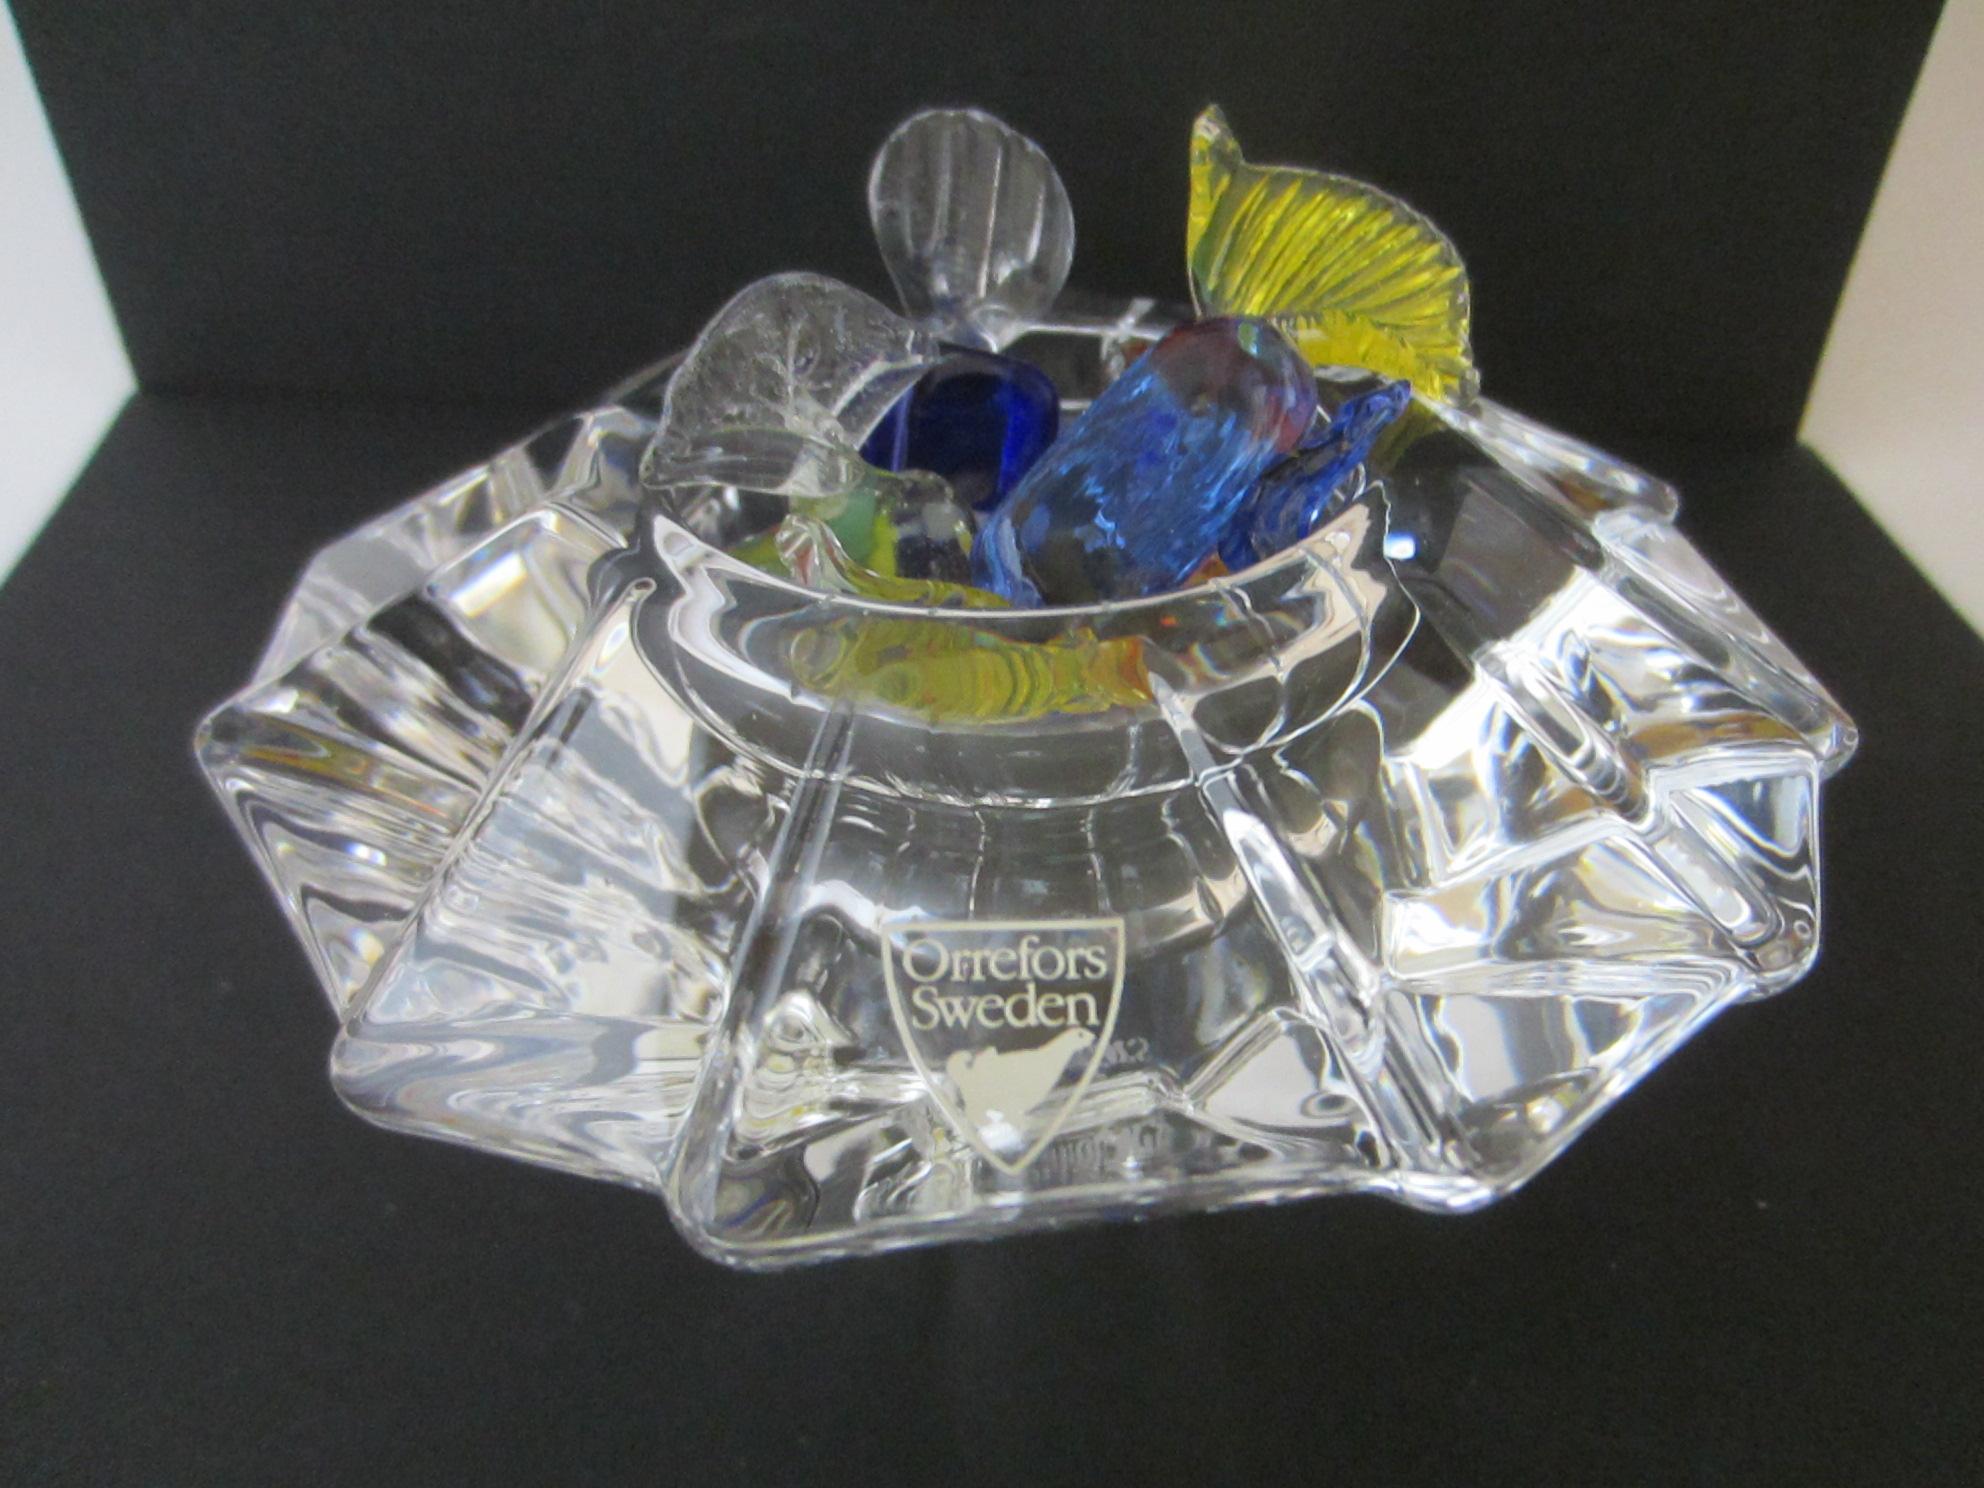 Orrefors Sweden Crystal Votive Candle Holder For Sale